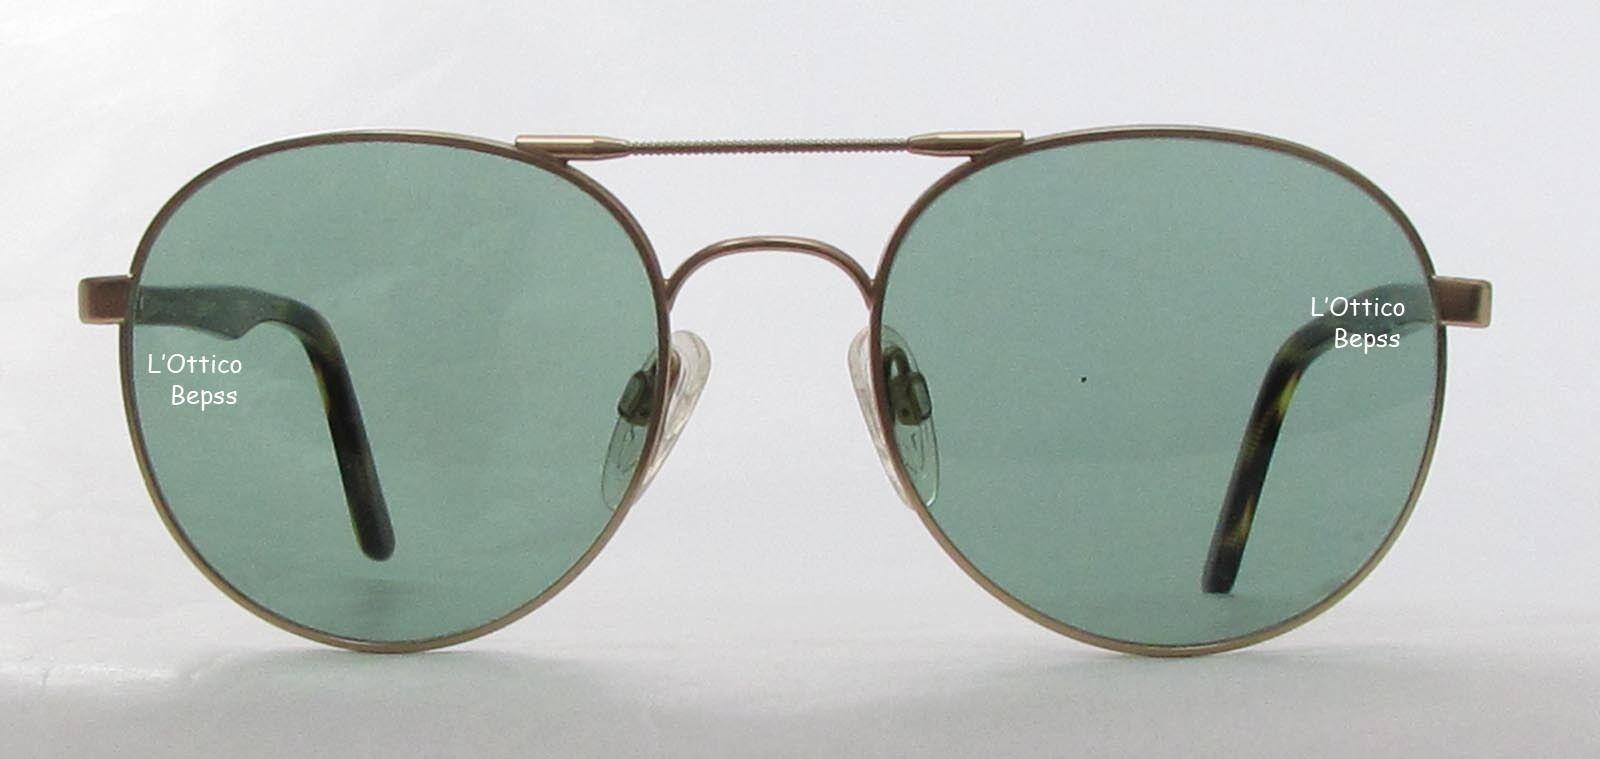 WEB 2251 046S 54 20 Sonnenbrille Sonnenbrille Sonnenbrille Gold vereist Objektiv Crystal grün VINTAGE  | Mittlere Kosten  | Vorzüglich  | Zarte  e5e73c